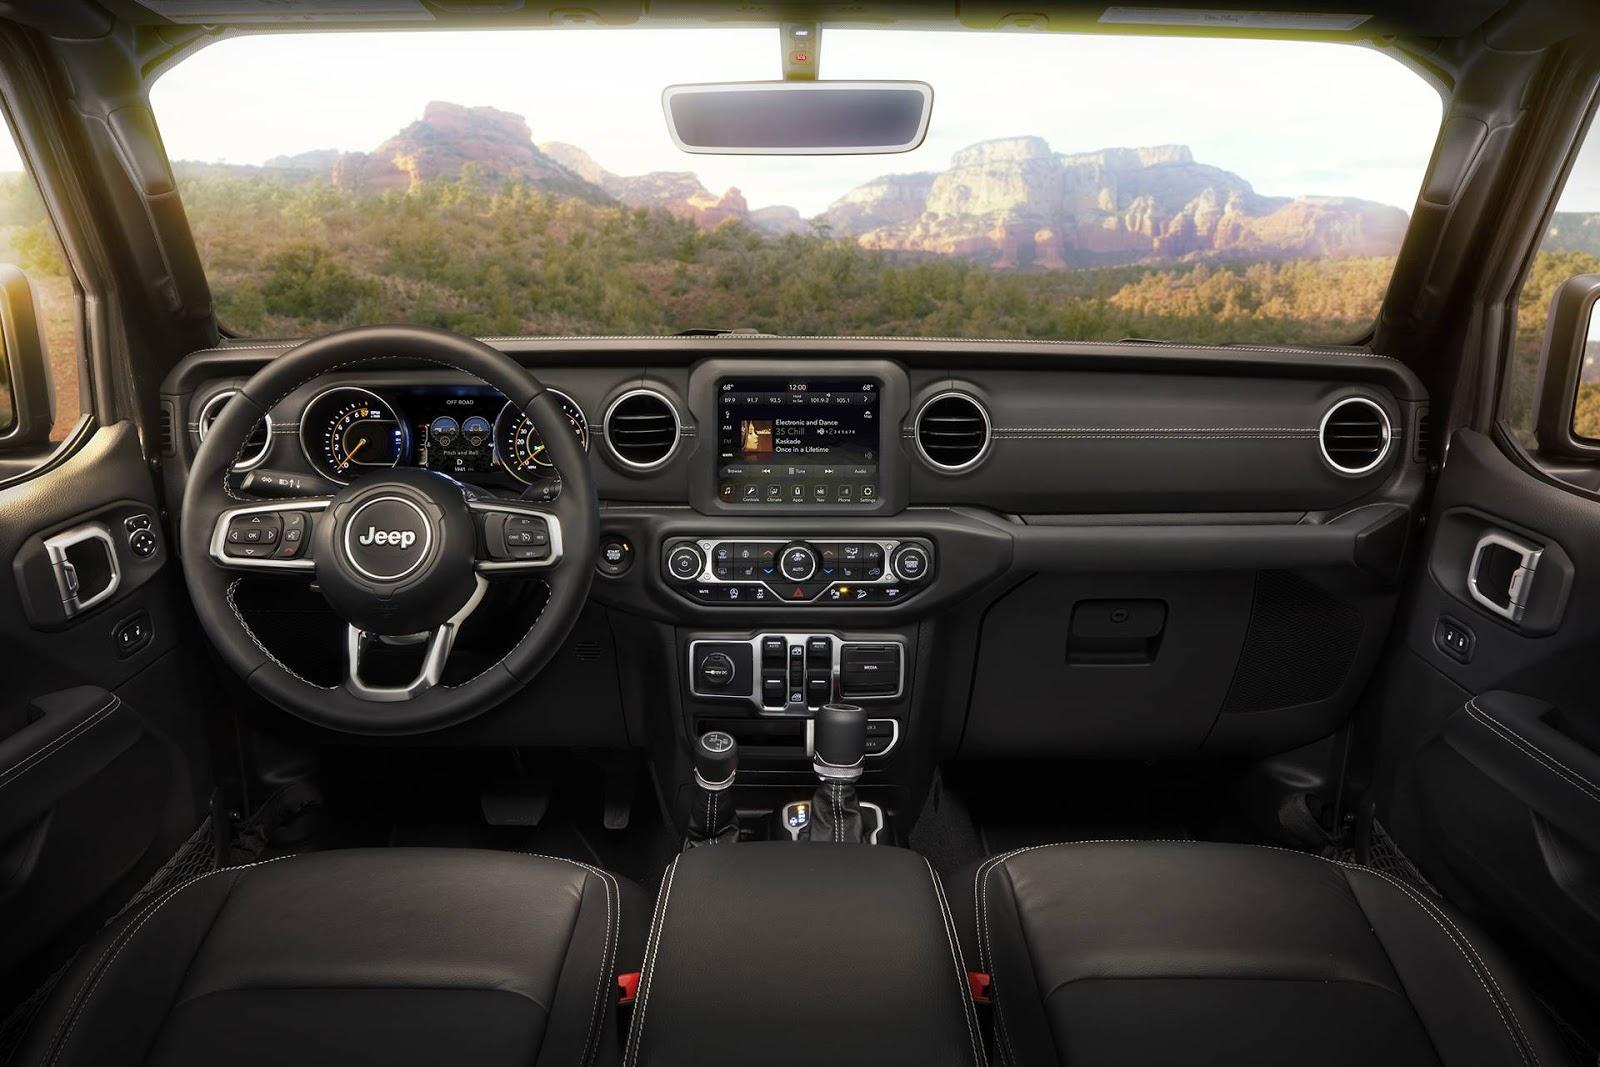 Novo Jeep Wrangler 2020 Chega Ao Brasil Preco R 260 Mil Car Blog Br